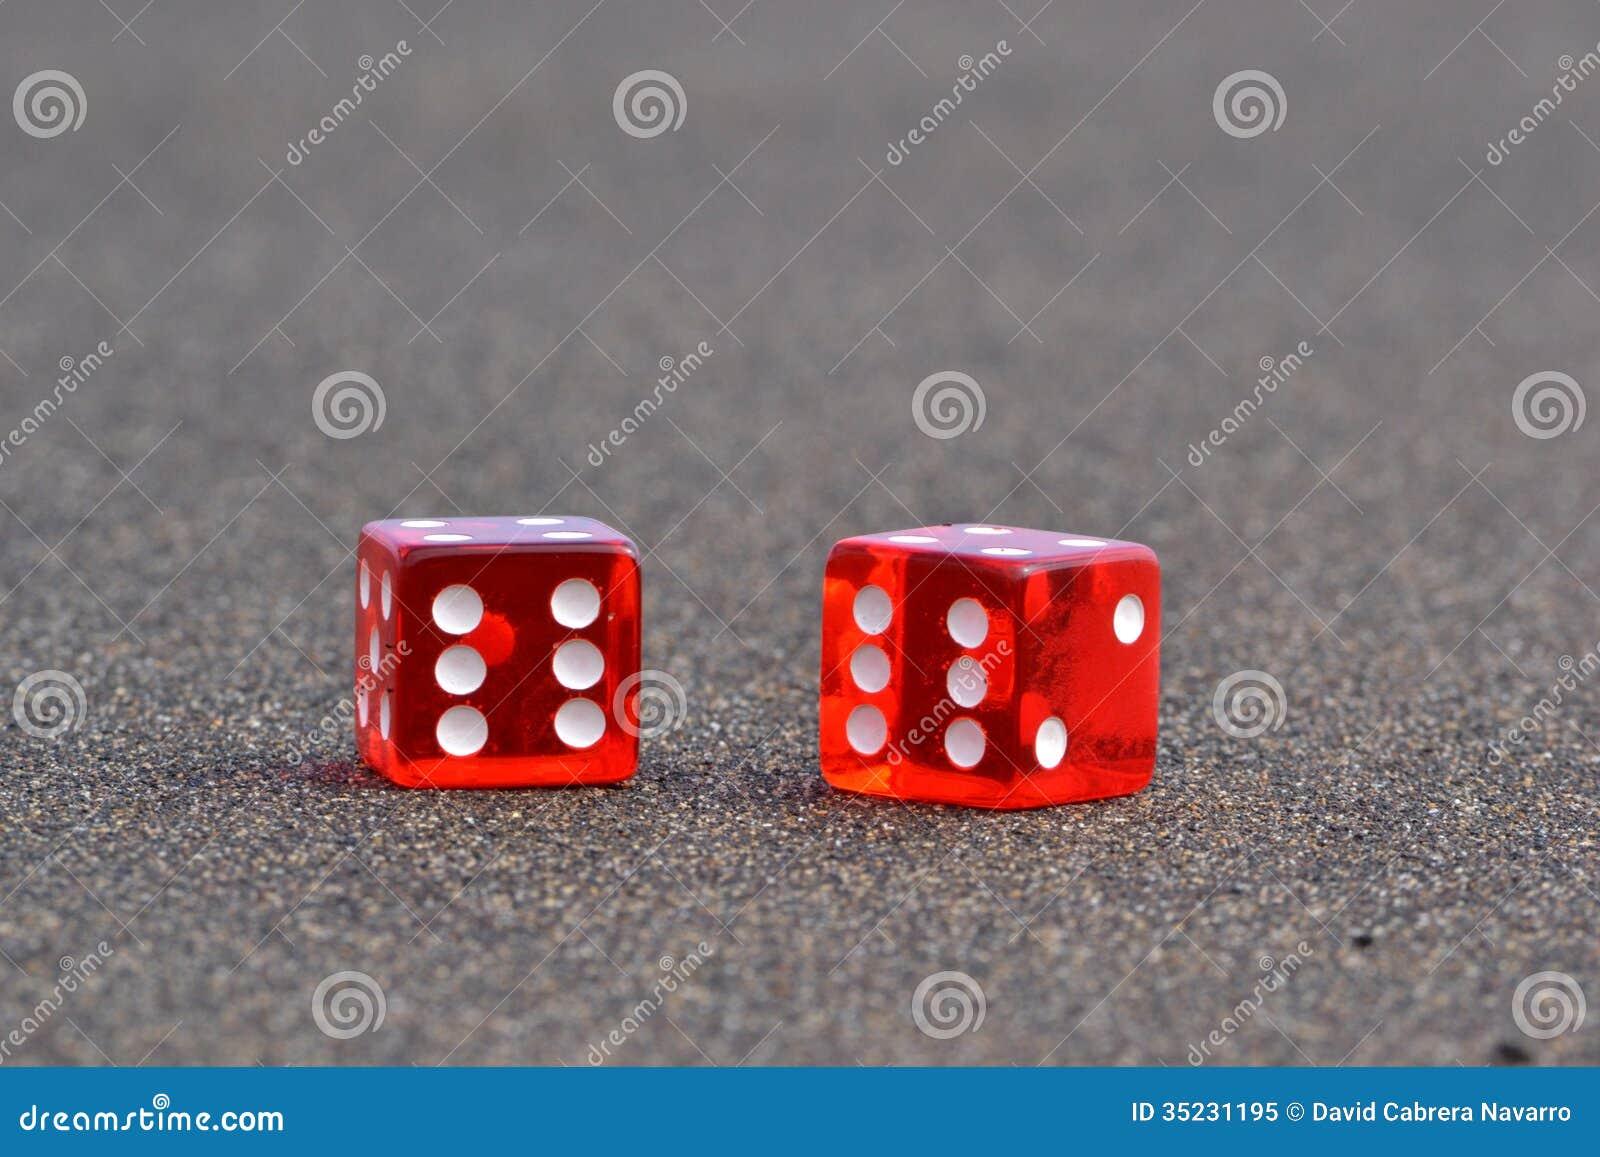 El rojo dos corta en cuadritos